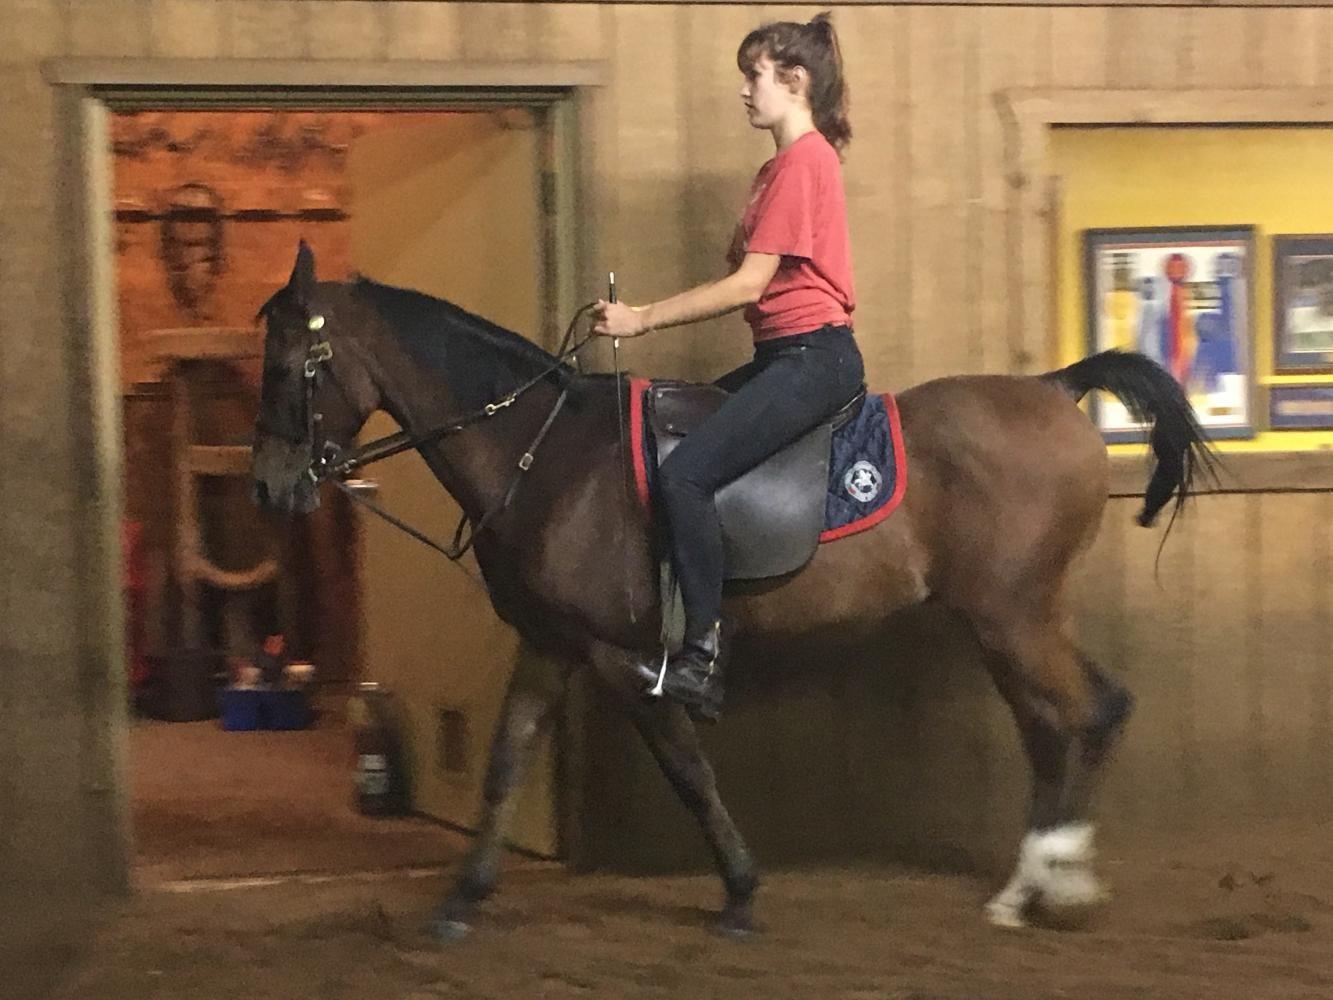 SADDLED UP. Soph,ore horse racer Alessandra Costalonga rides around on her horse.